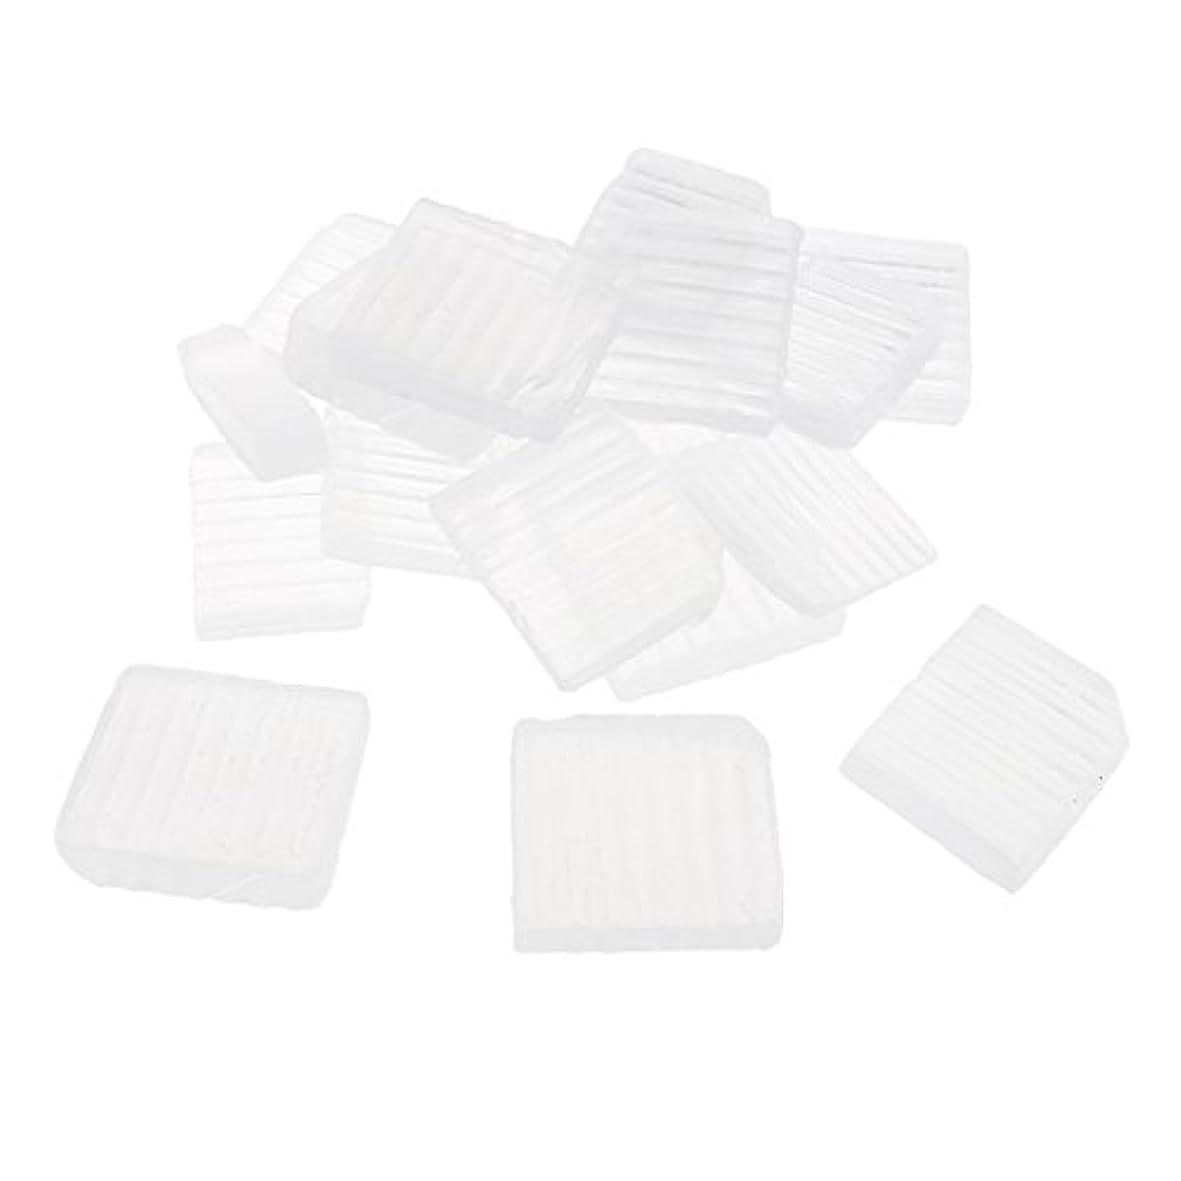 財団不合格物足りないSharplace 透明 石鹸ベース DIY 手作り 石鹸 約1 KG